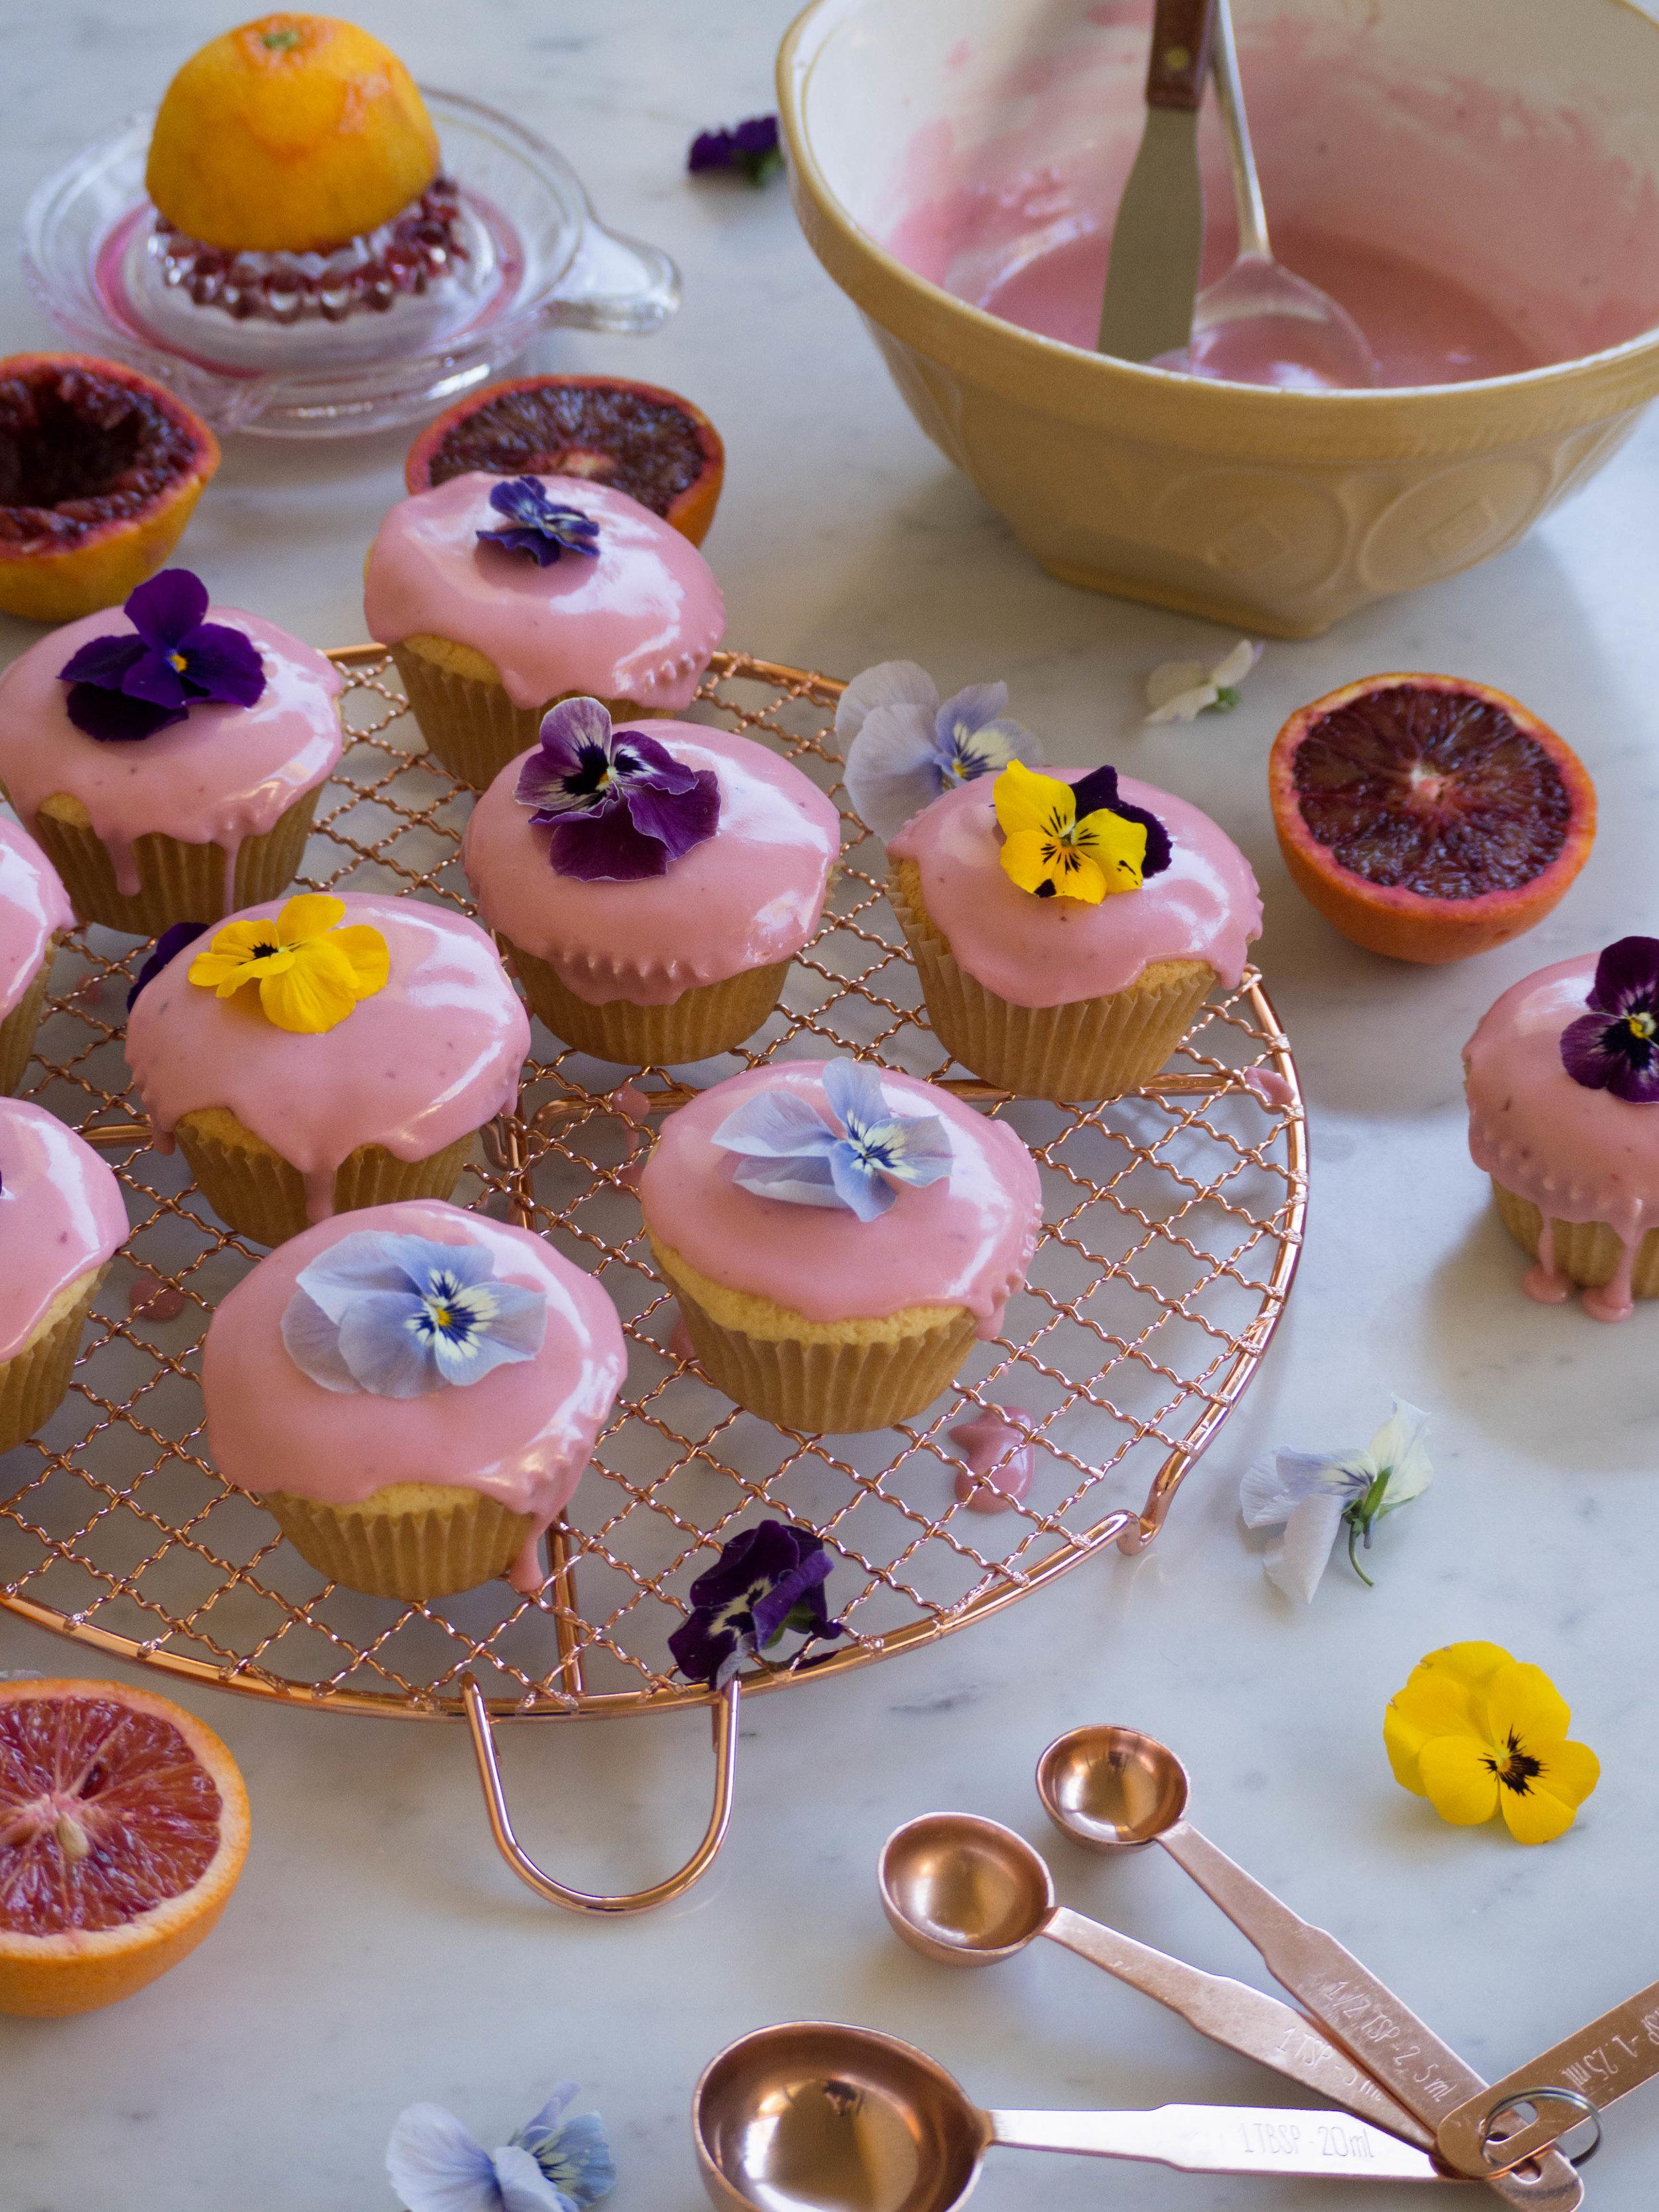 Blood Orange Cupcakes